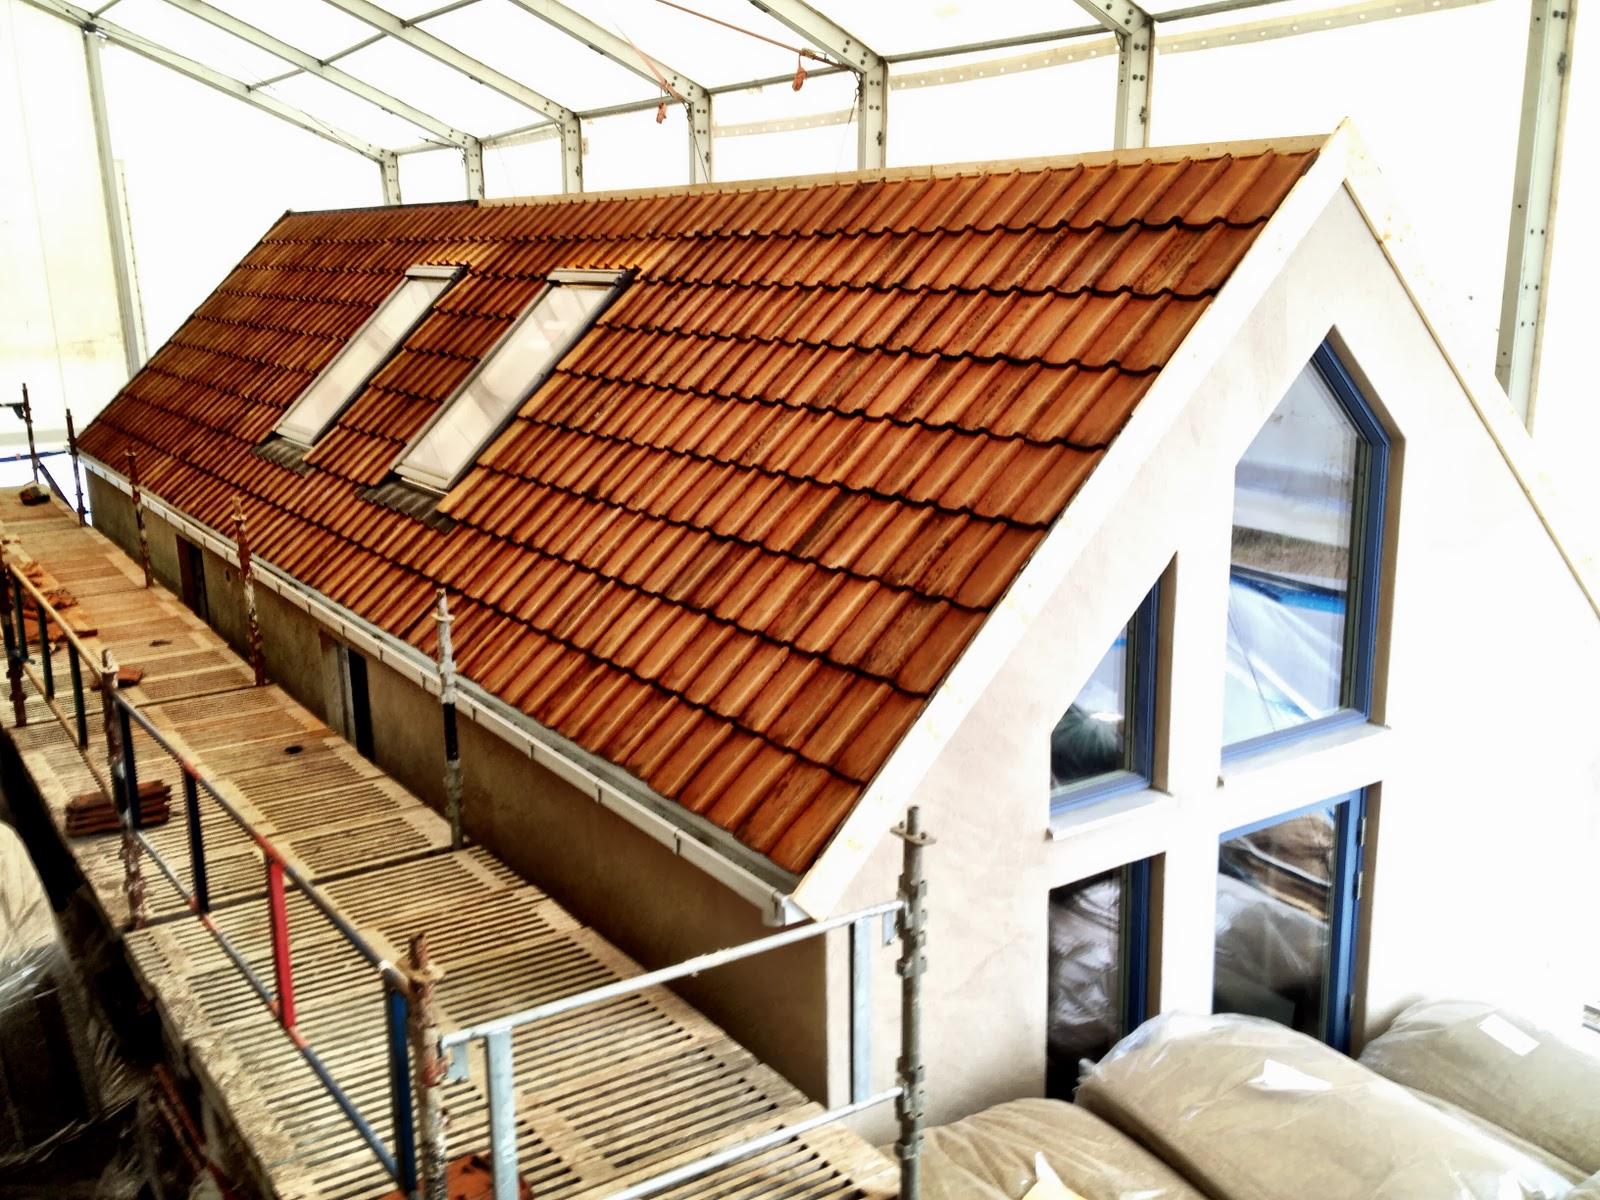 villa natura ekologiskt lågenergihus Österlen tegel tak